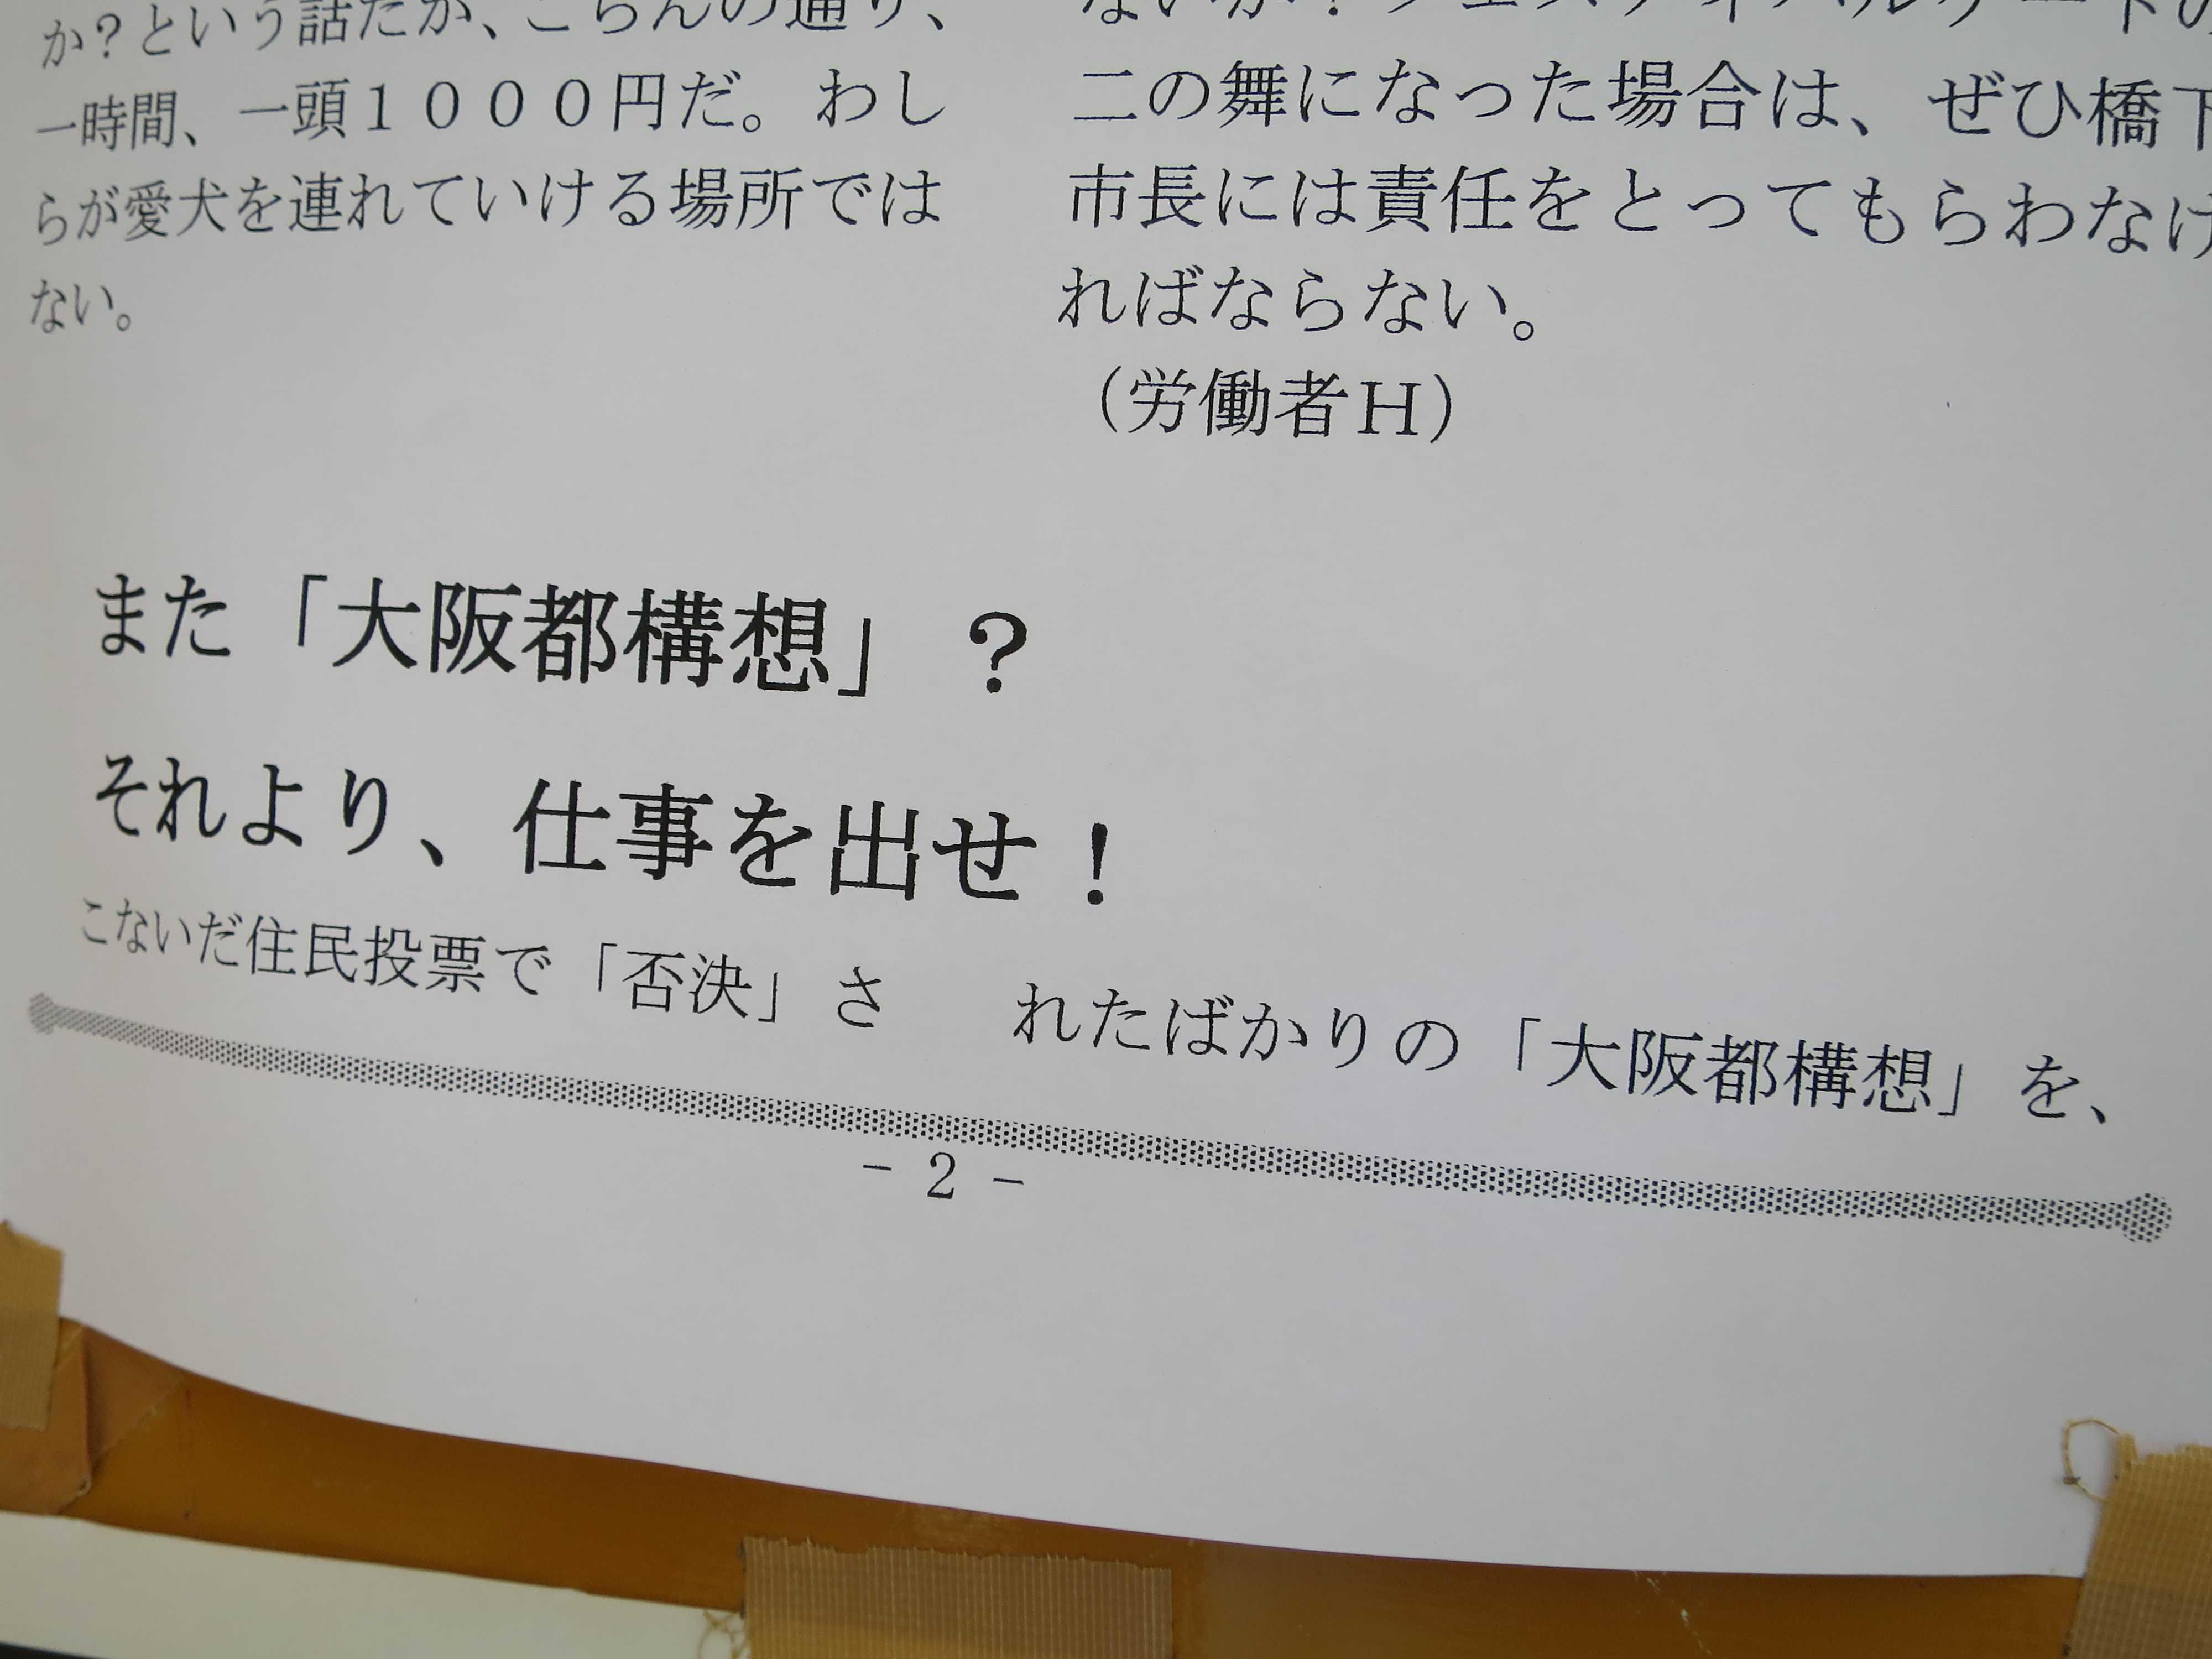 また「大阪都構想」? それより、仕事を出せ!